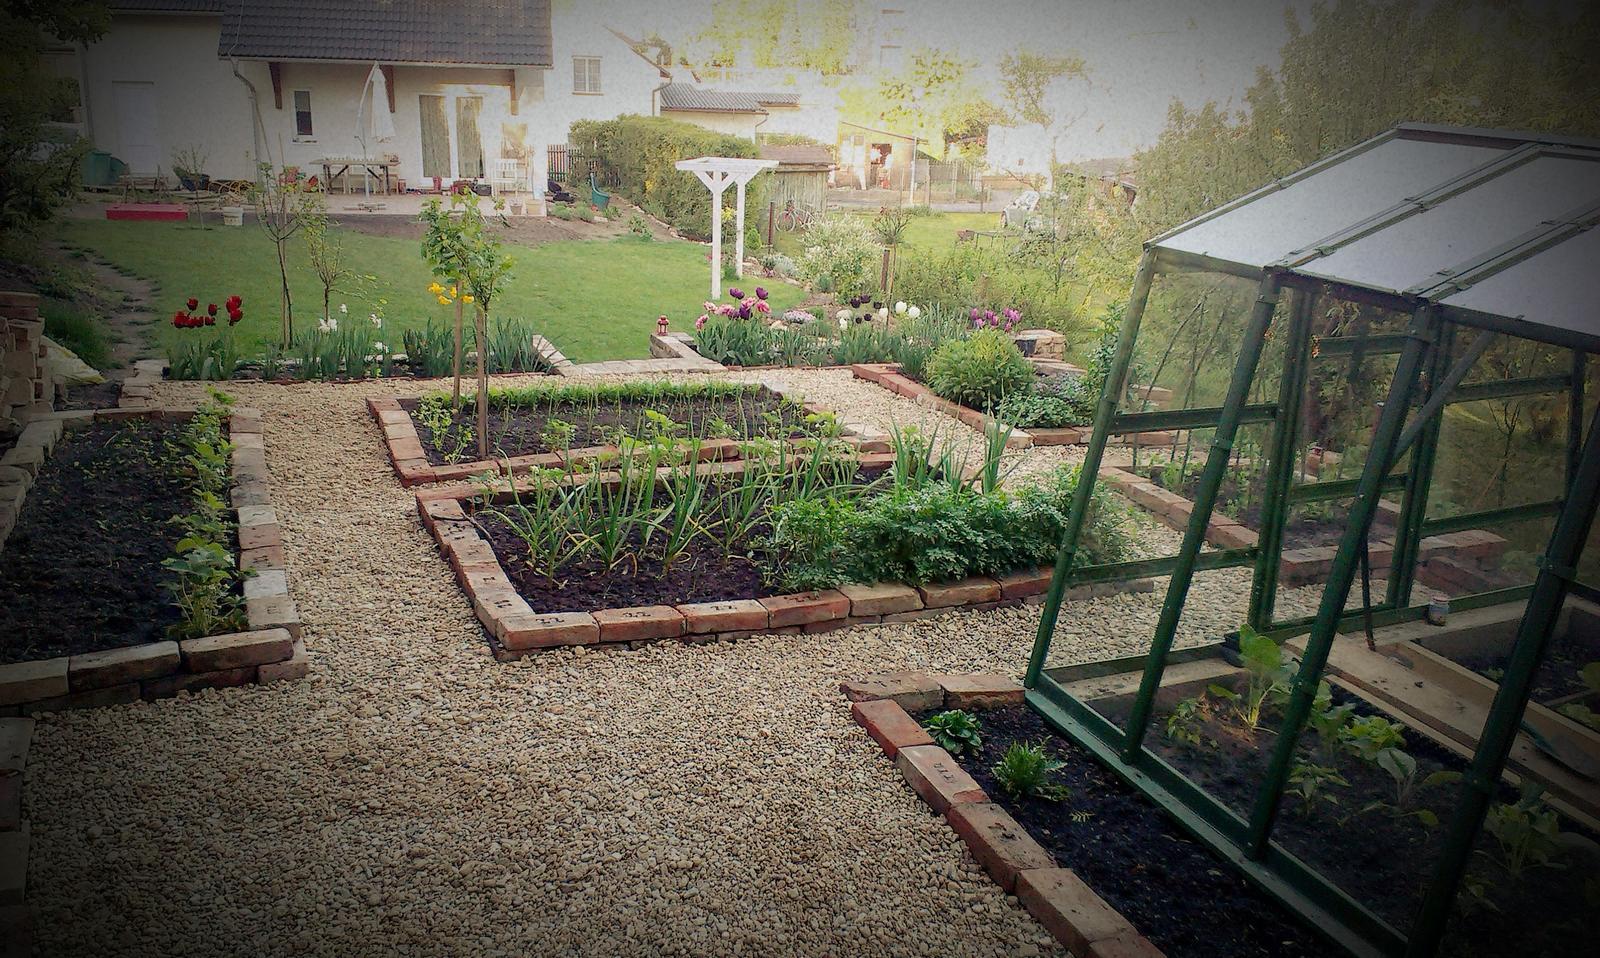 Záhrada - Zas sme mali pracovný ,,voľný,, piatok :-))  Dosypala som posledné chodníky a zatiaľ finiš v úžitkovej záhrade, teraz sú iné priority. Ale spokojnosť samozrejme s výsledkom je :-)